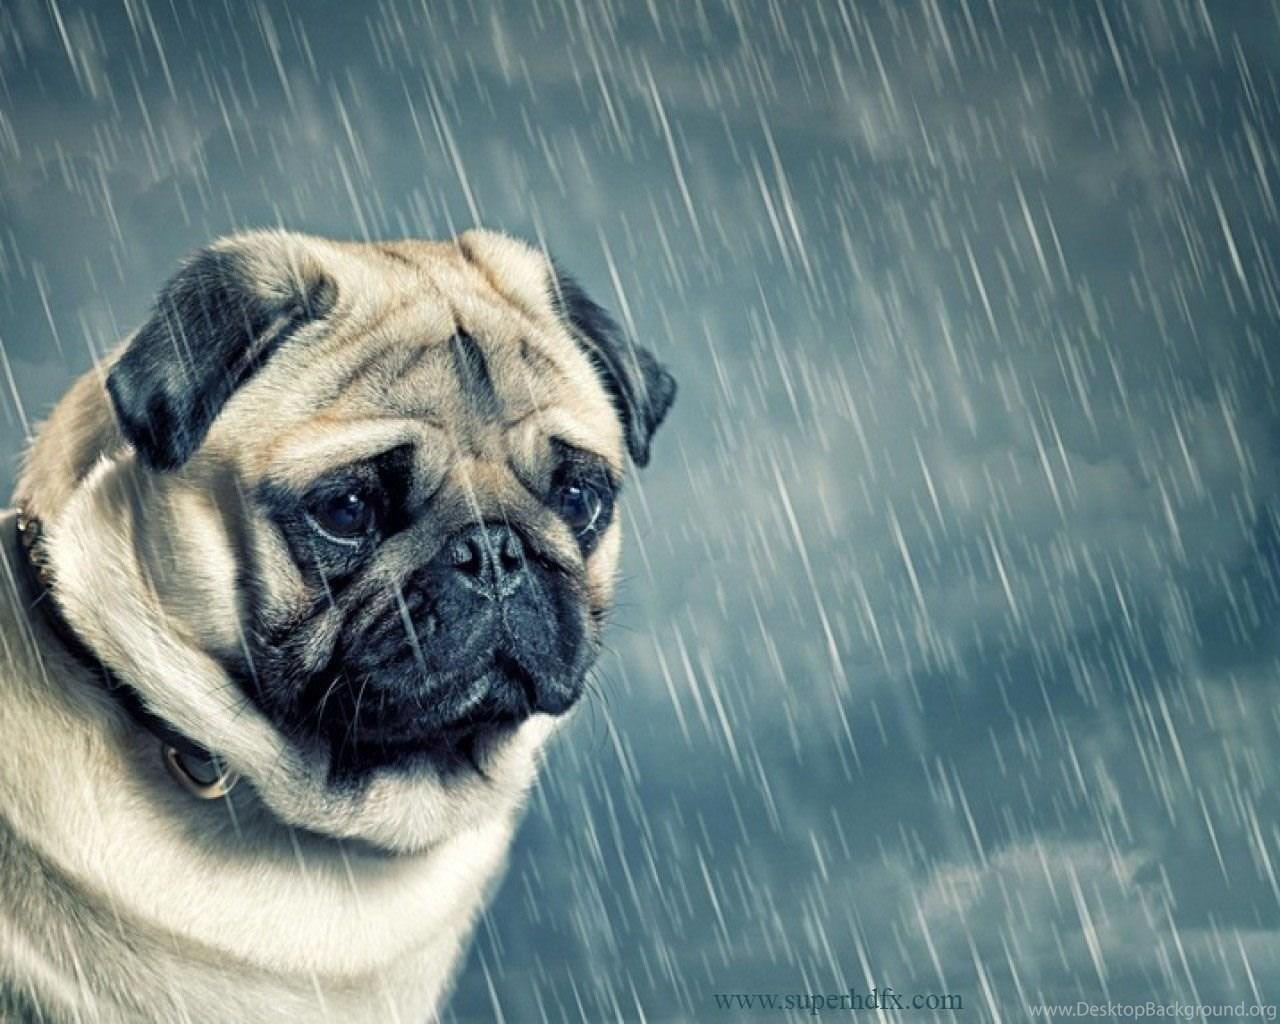 pug dog wallpapers desktop background